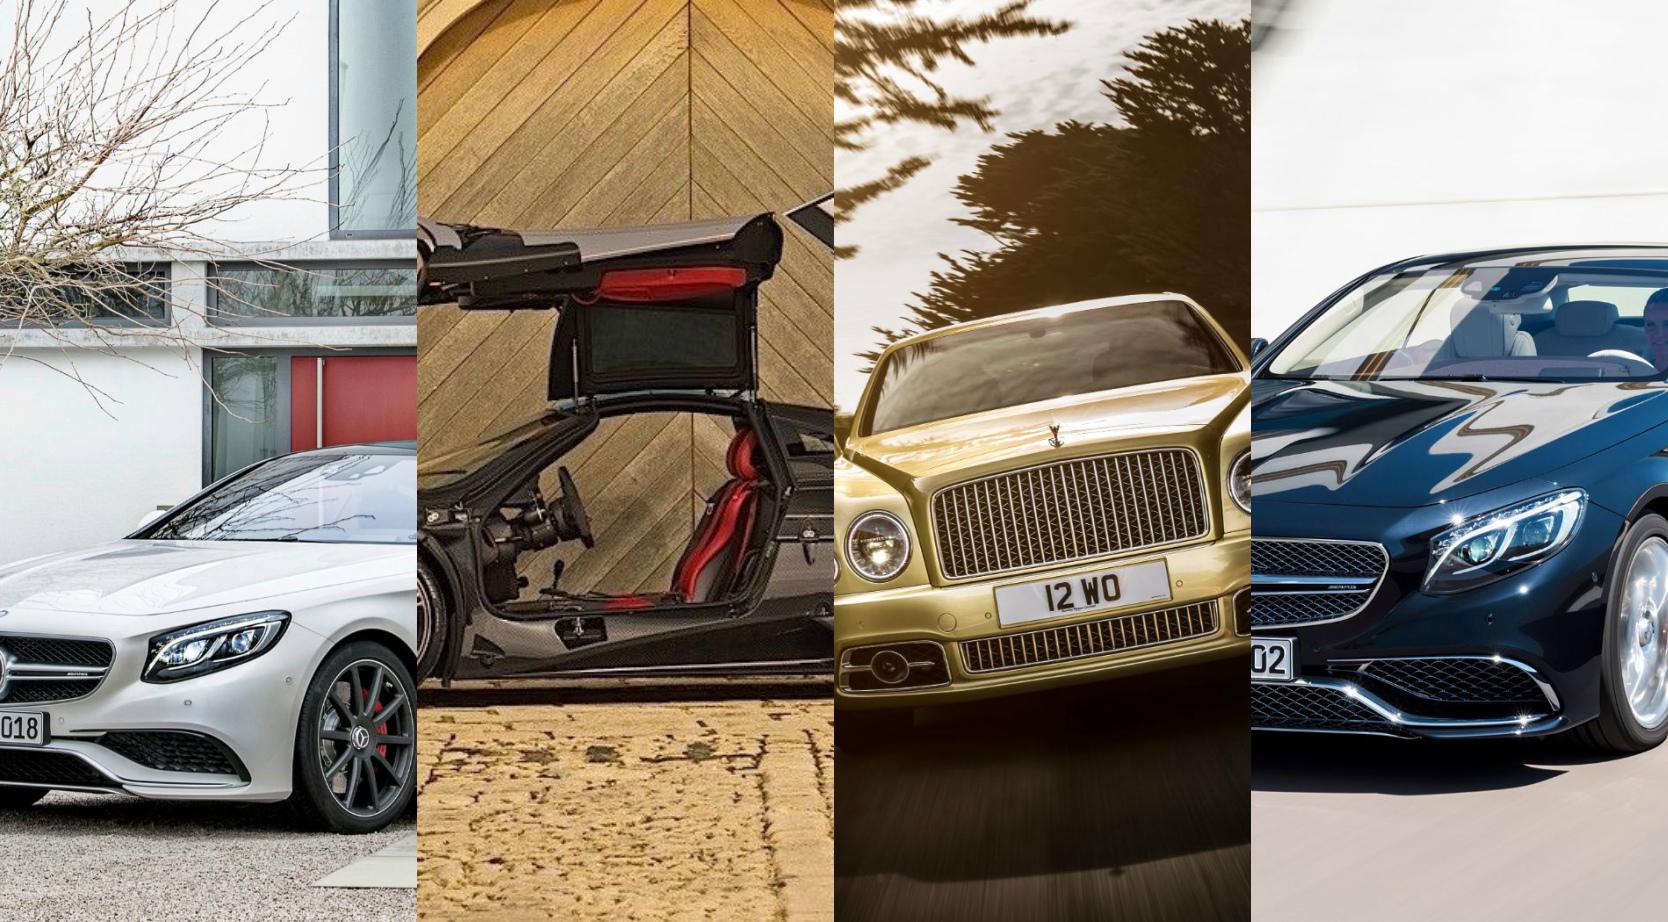 Автомобильная компания для производства 300 автомобилей осуществила следующие расходы ветровики на авто ауди 100 45 кузове